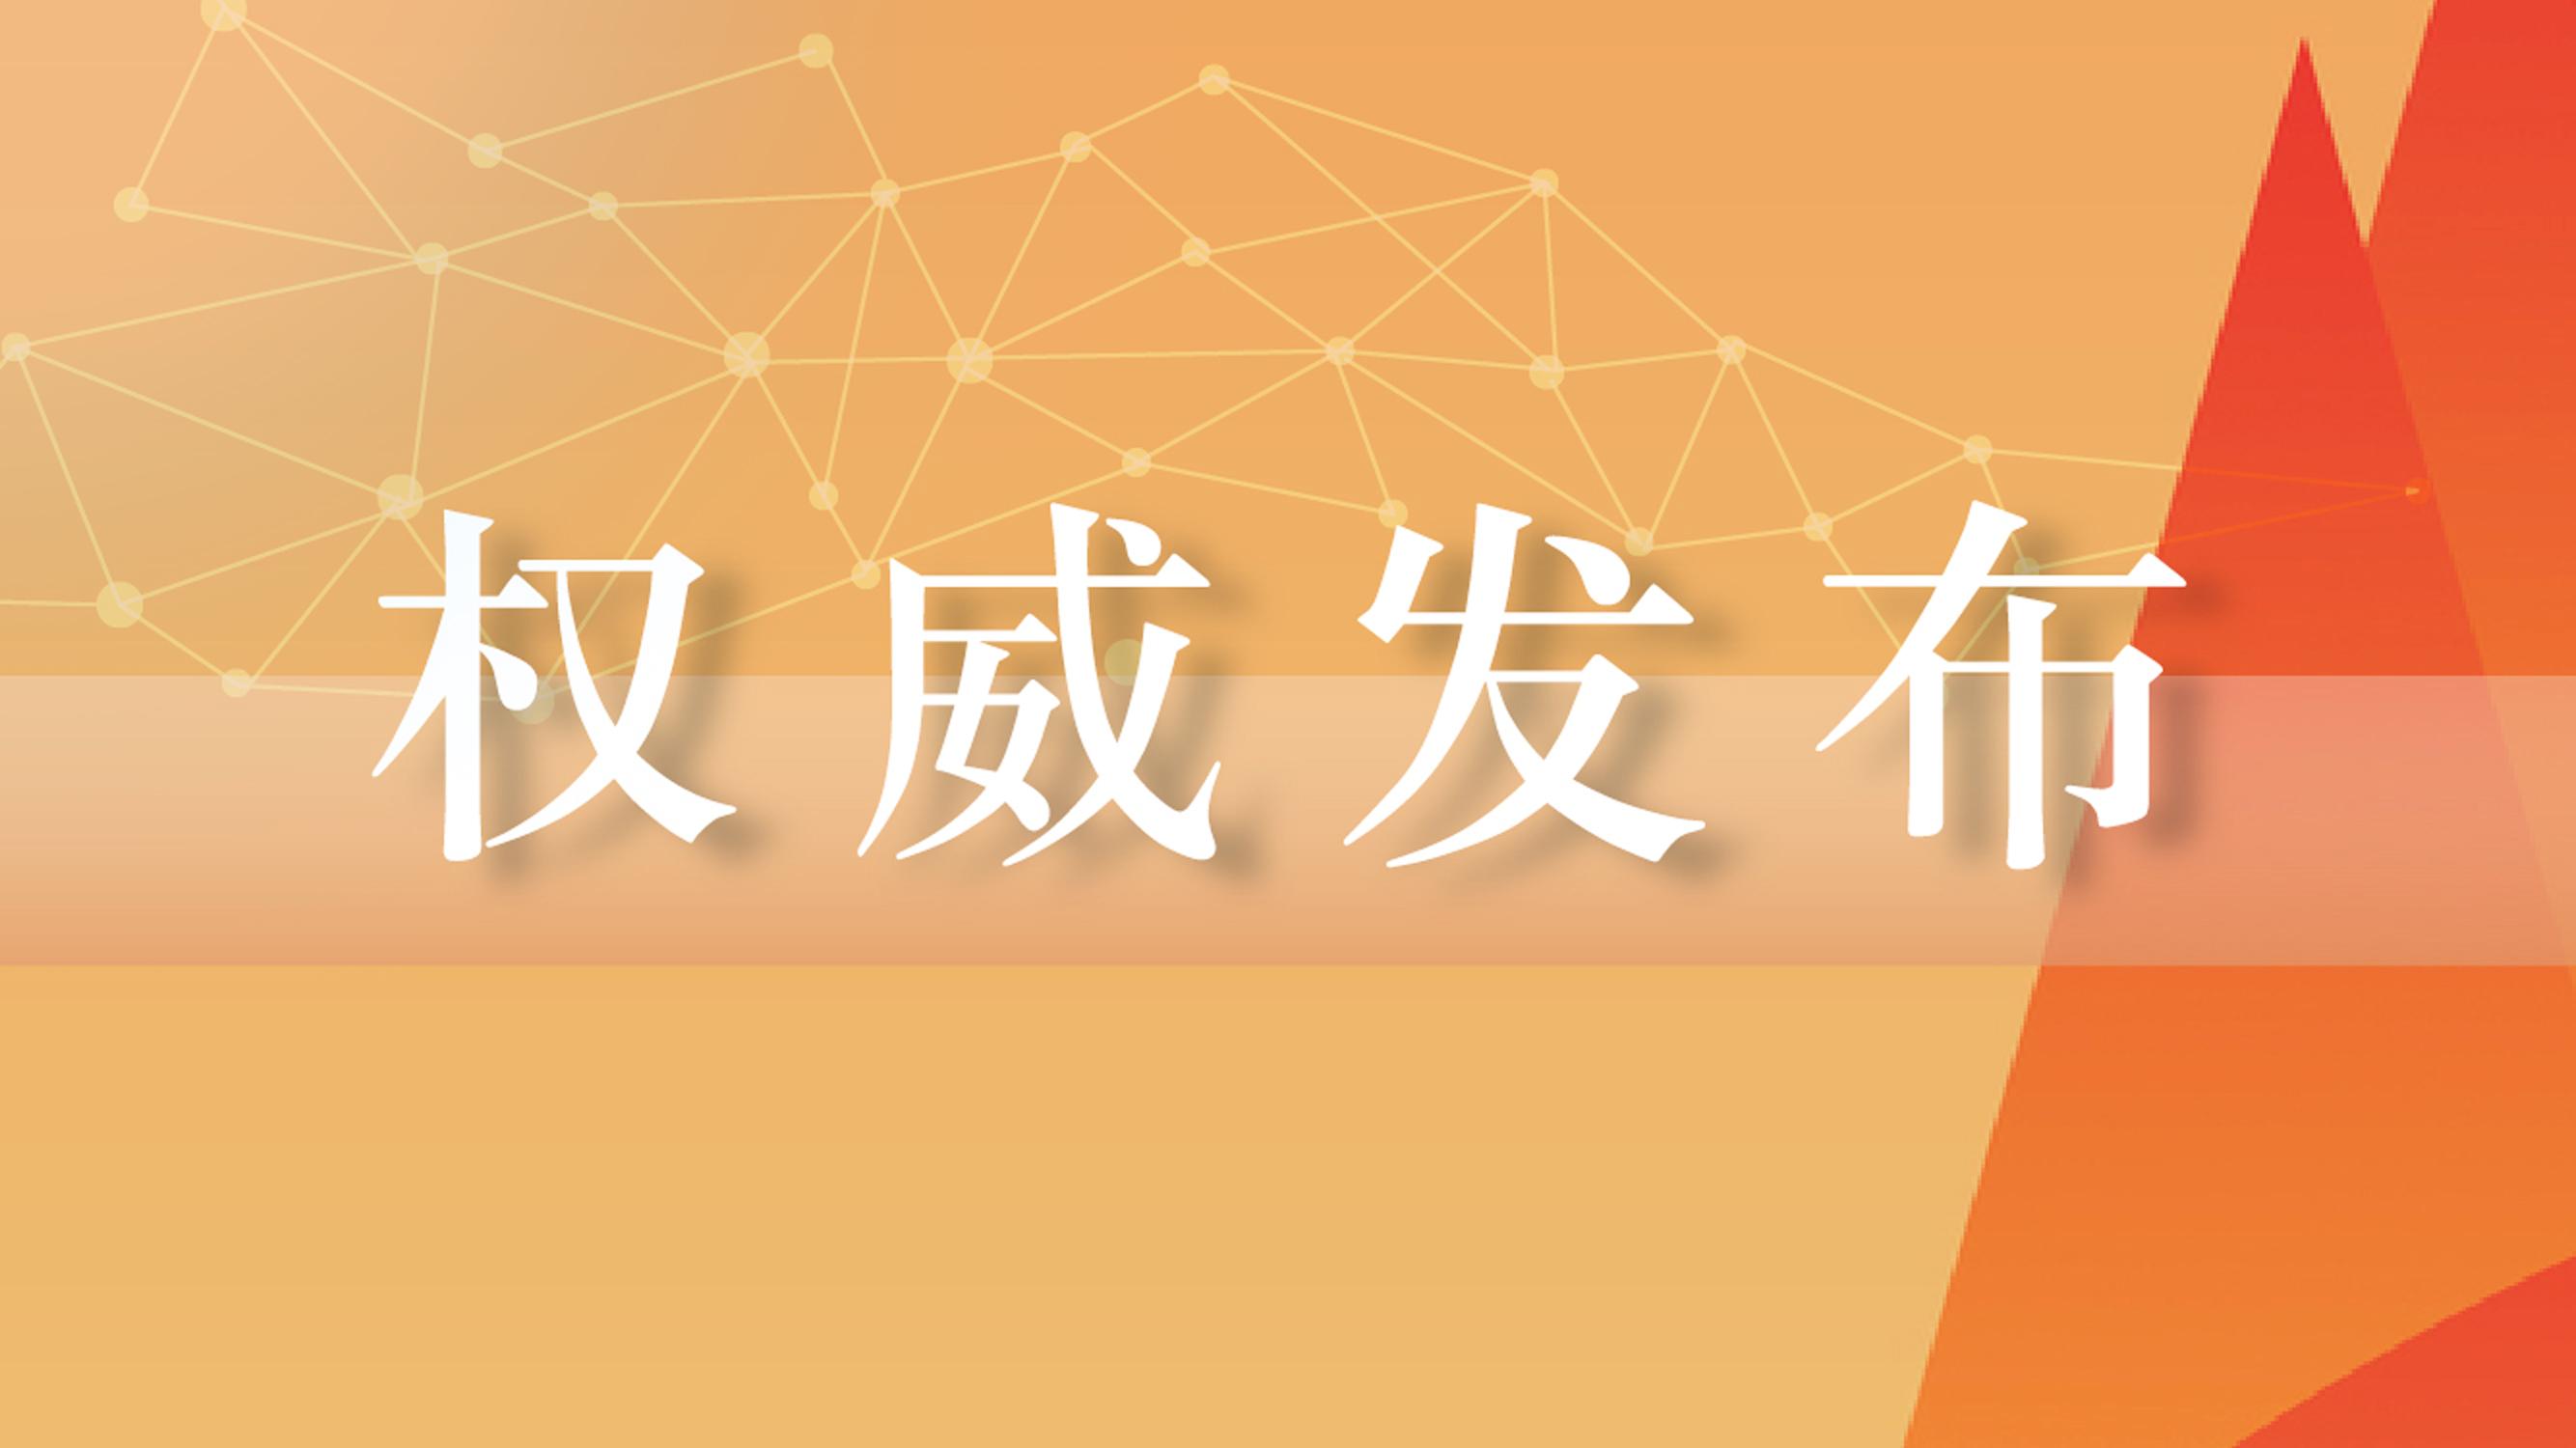 四川省冶金地质勘查局党委书记、局长何兴江 接受纪律审查和监察调查